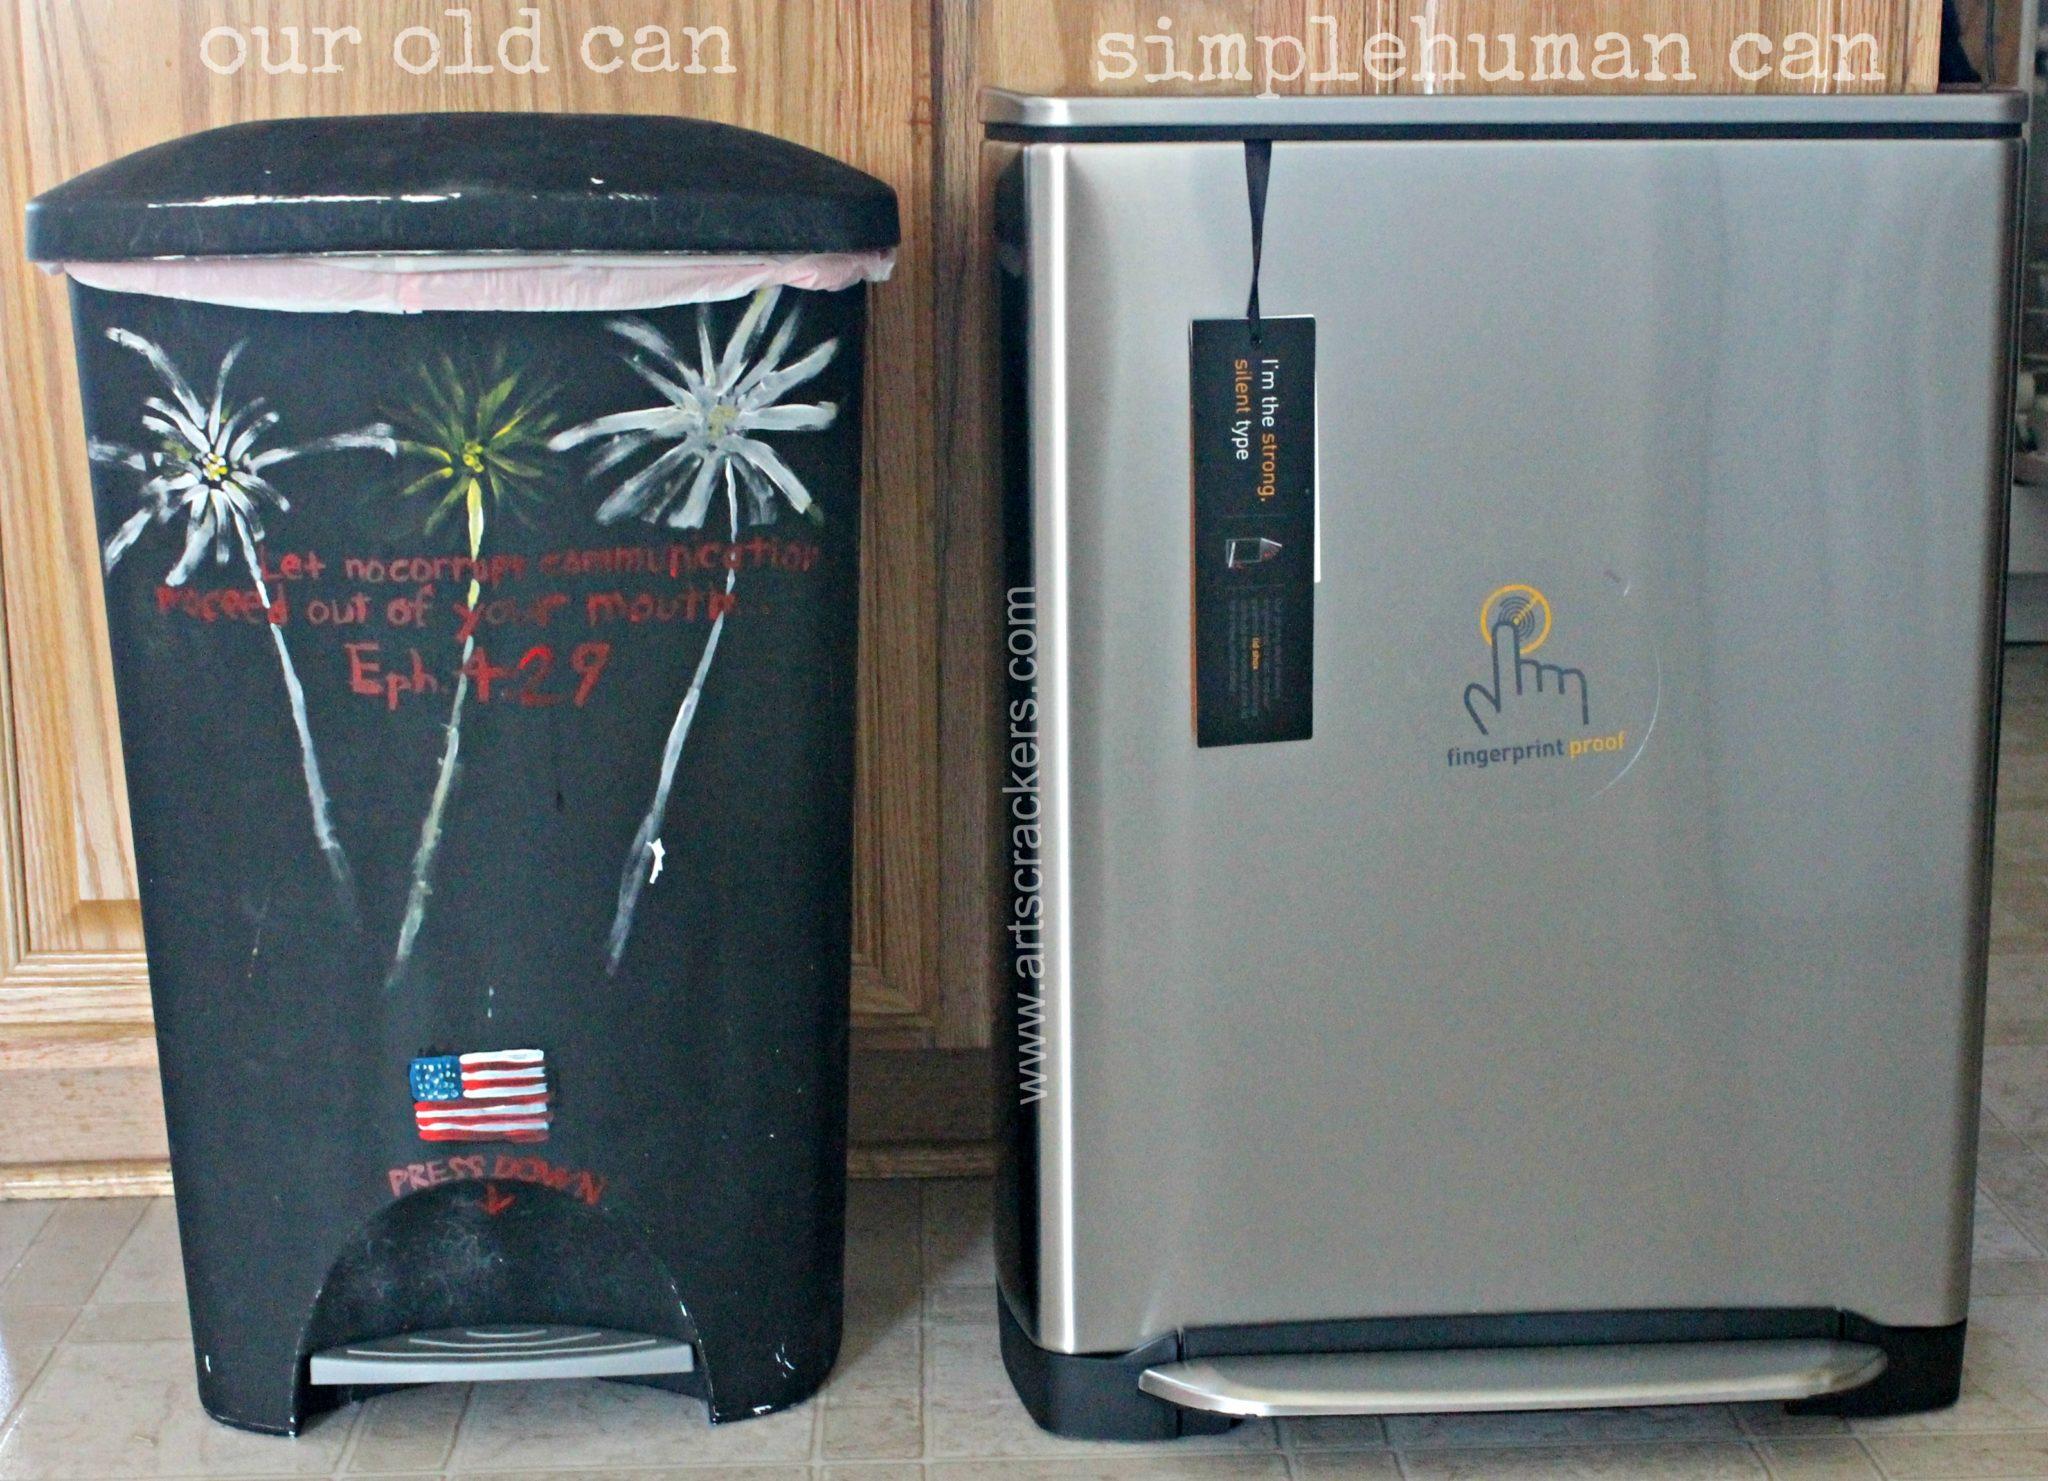 Regular Trashcan VS SimpleHuman Garbage